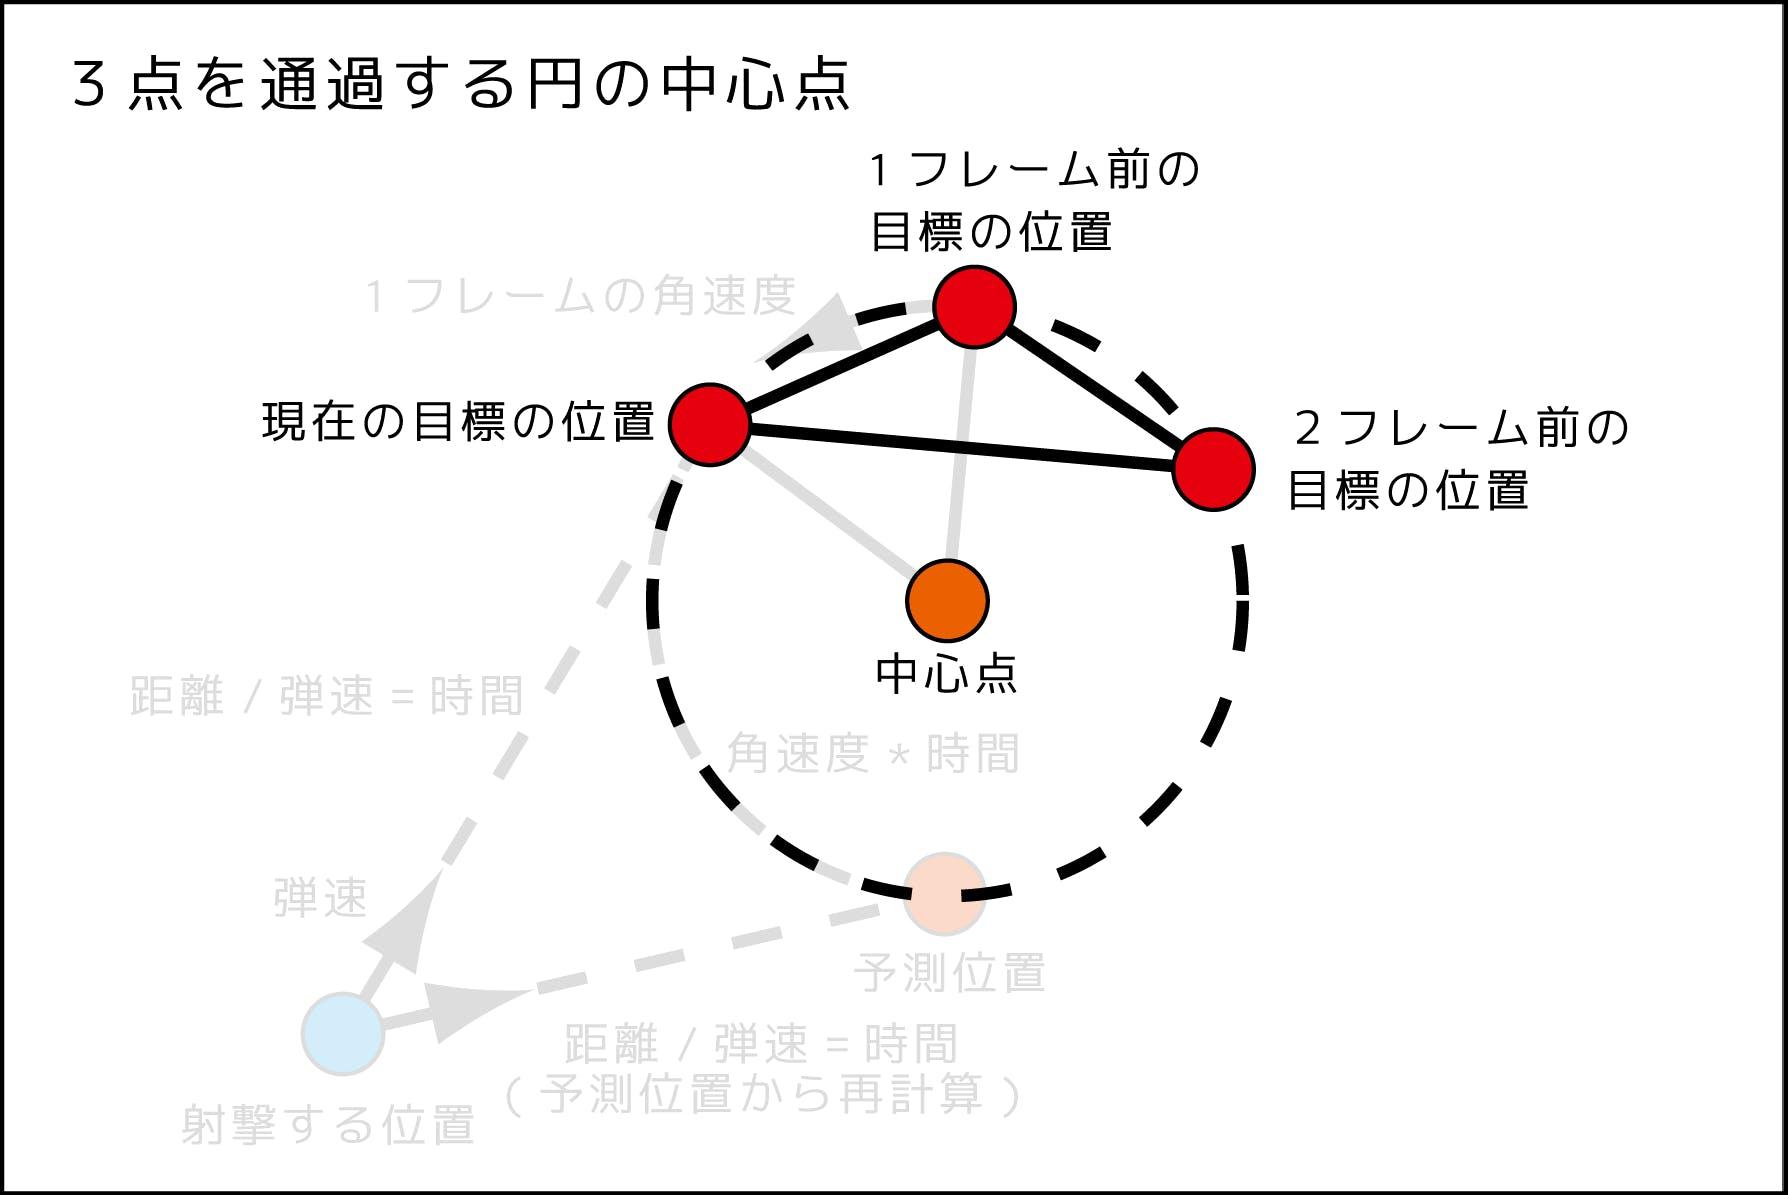 円形予測射撃図_181123_3.png